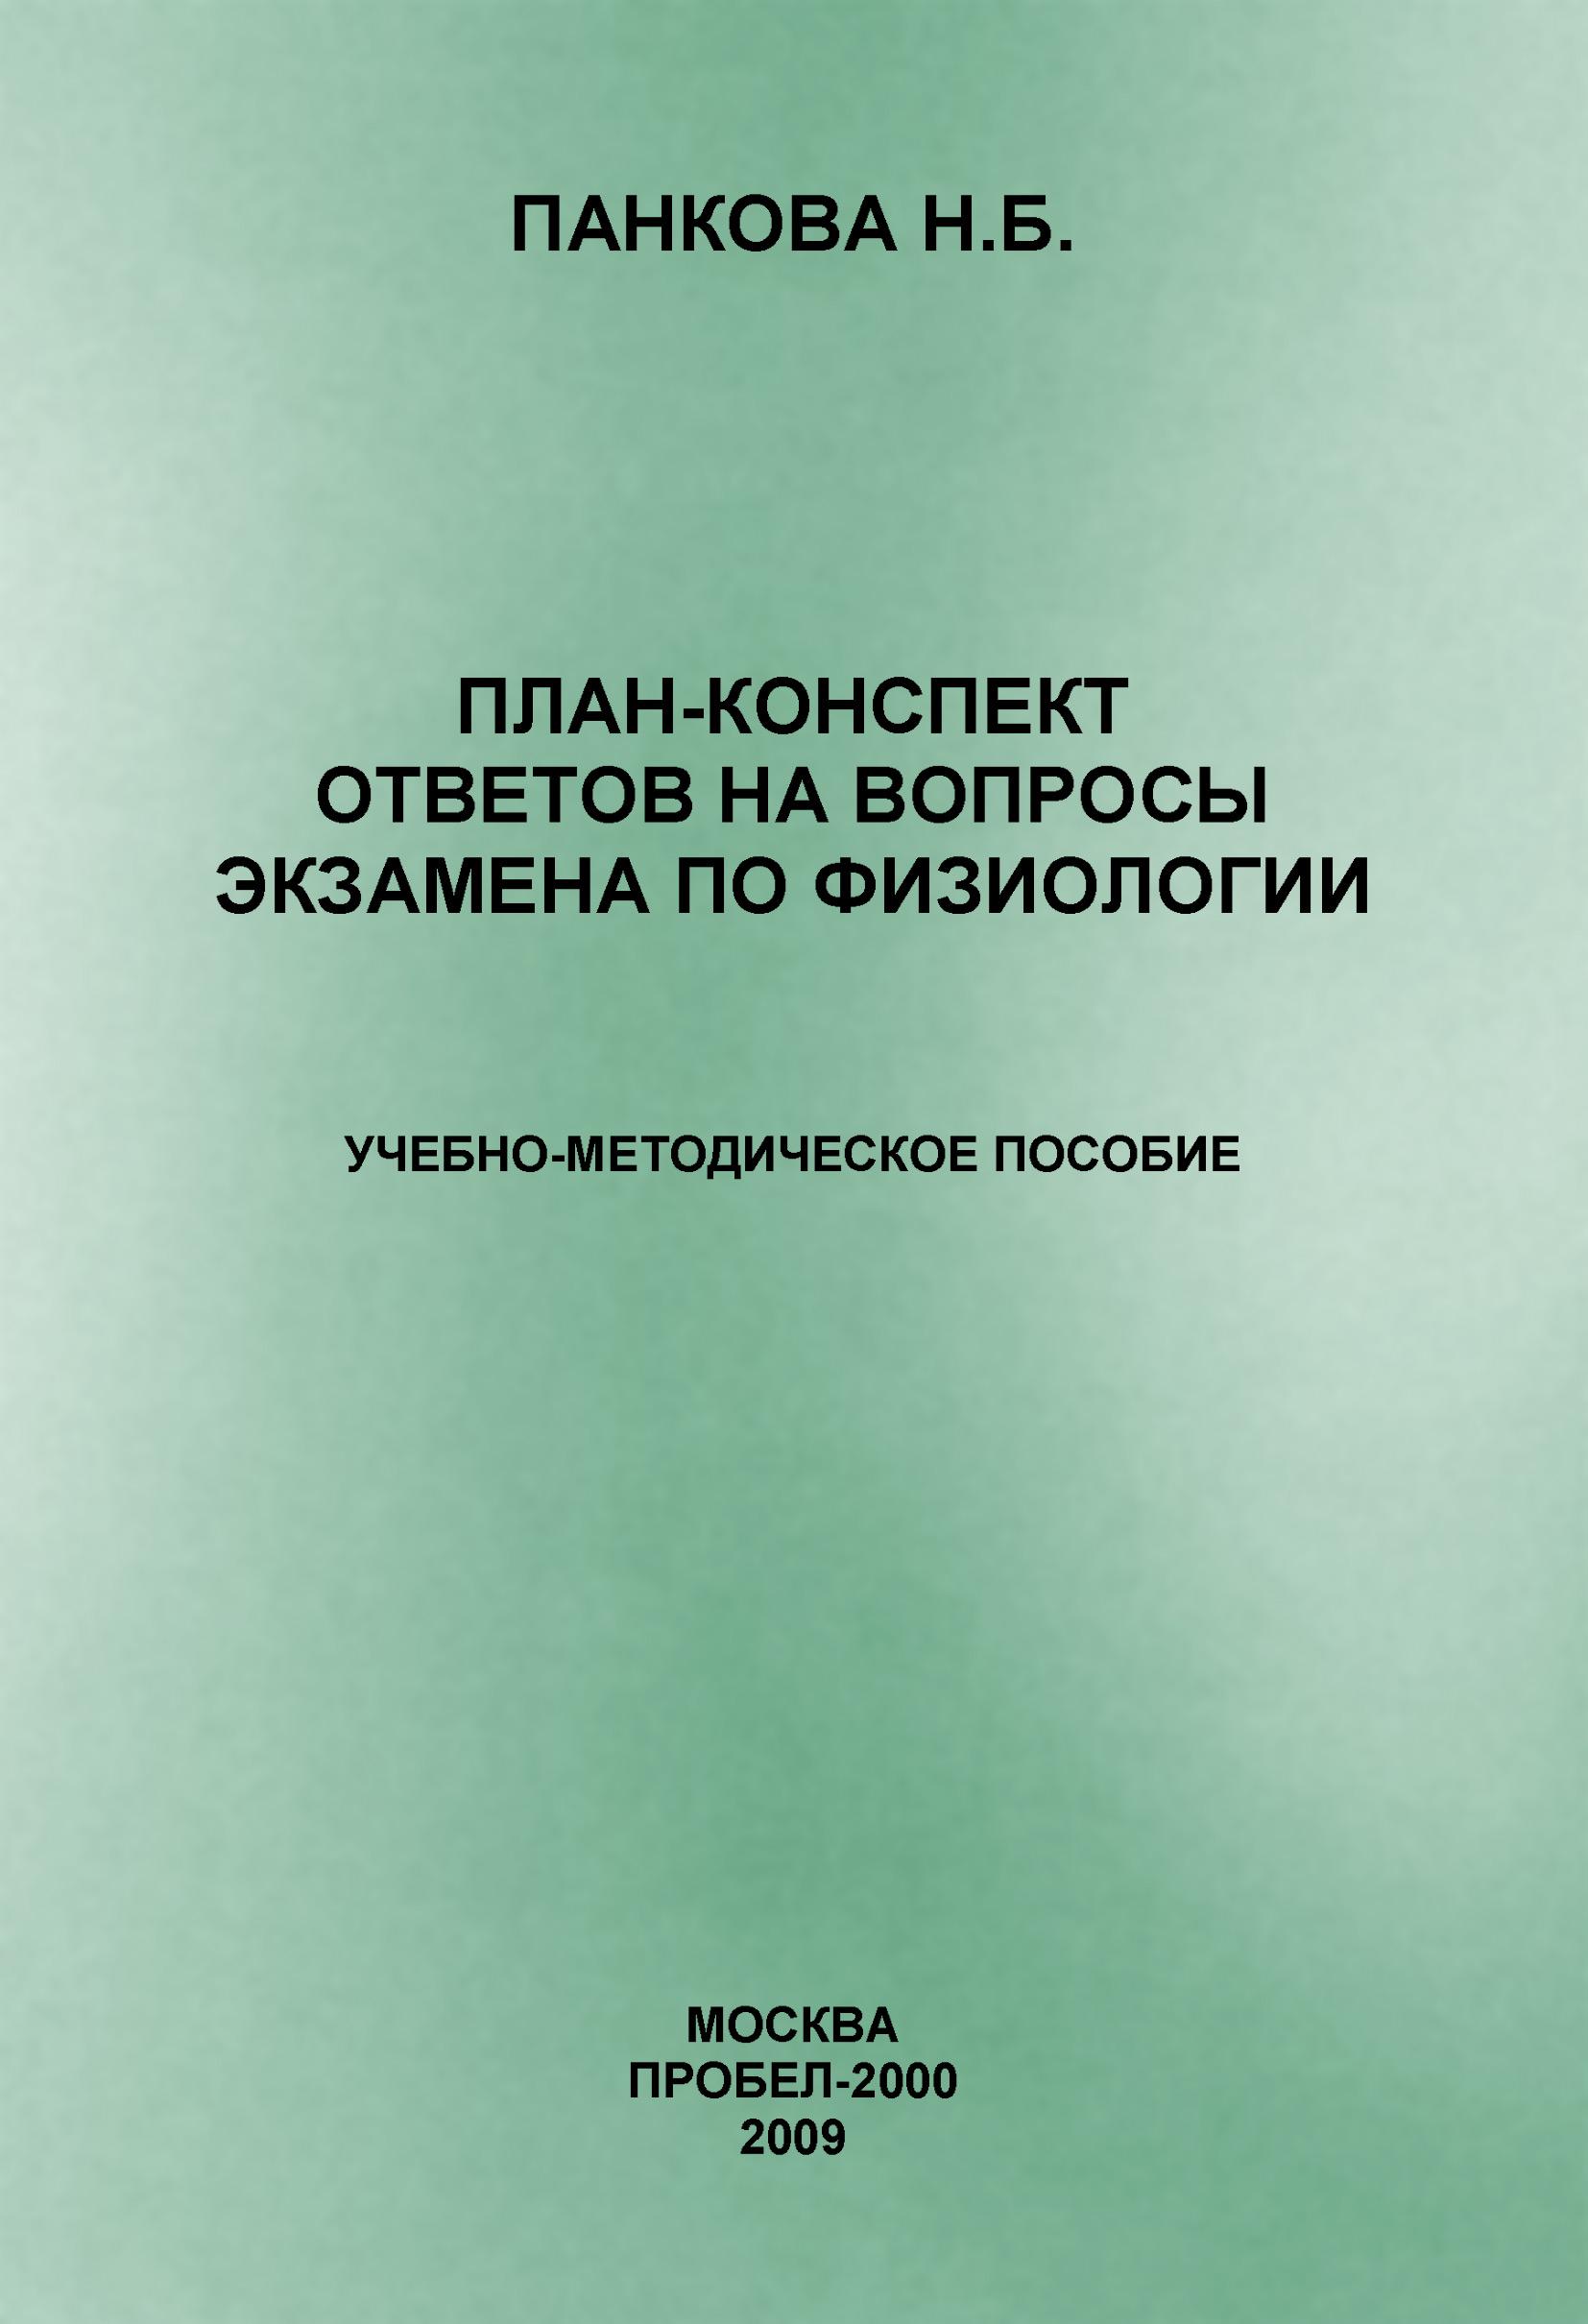 Н. Б. Панкова План-конспект ответов на вопросы экзамена по физиологии симферополь план города